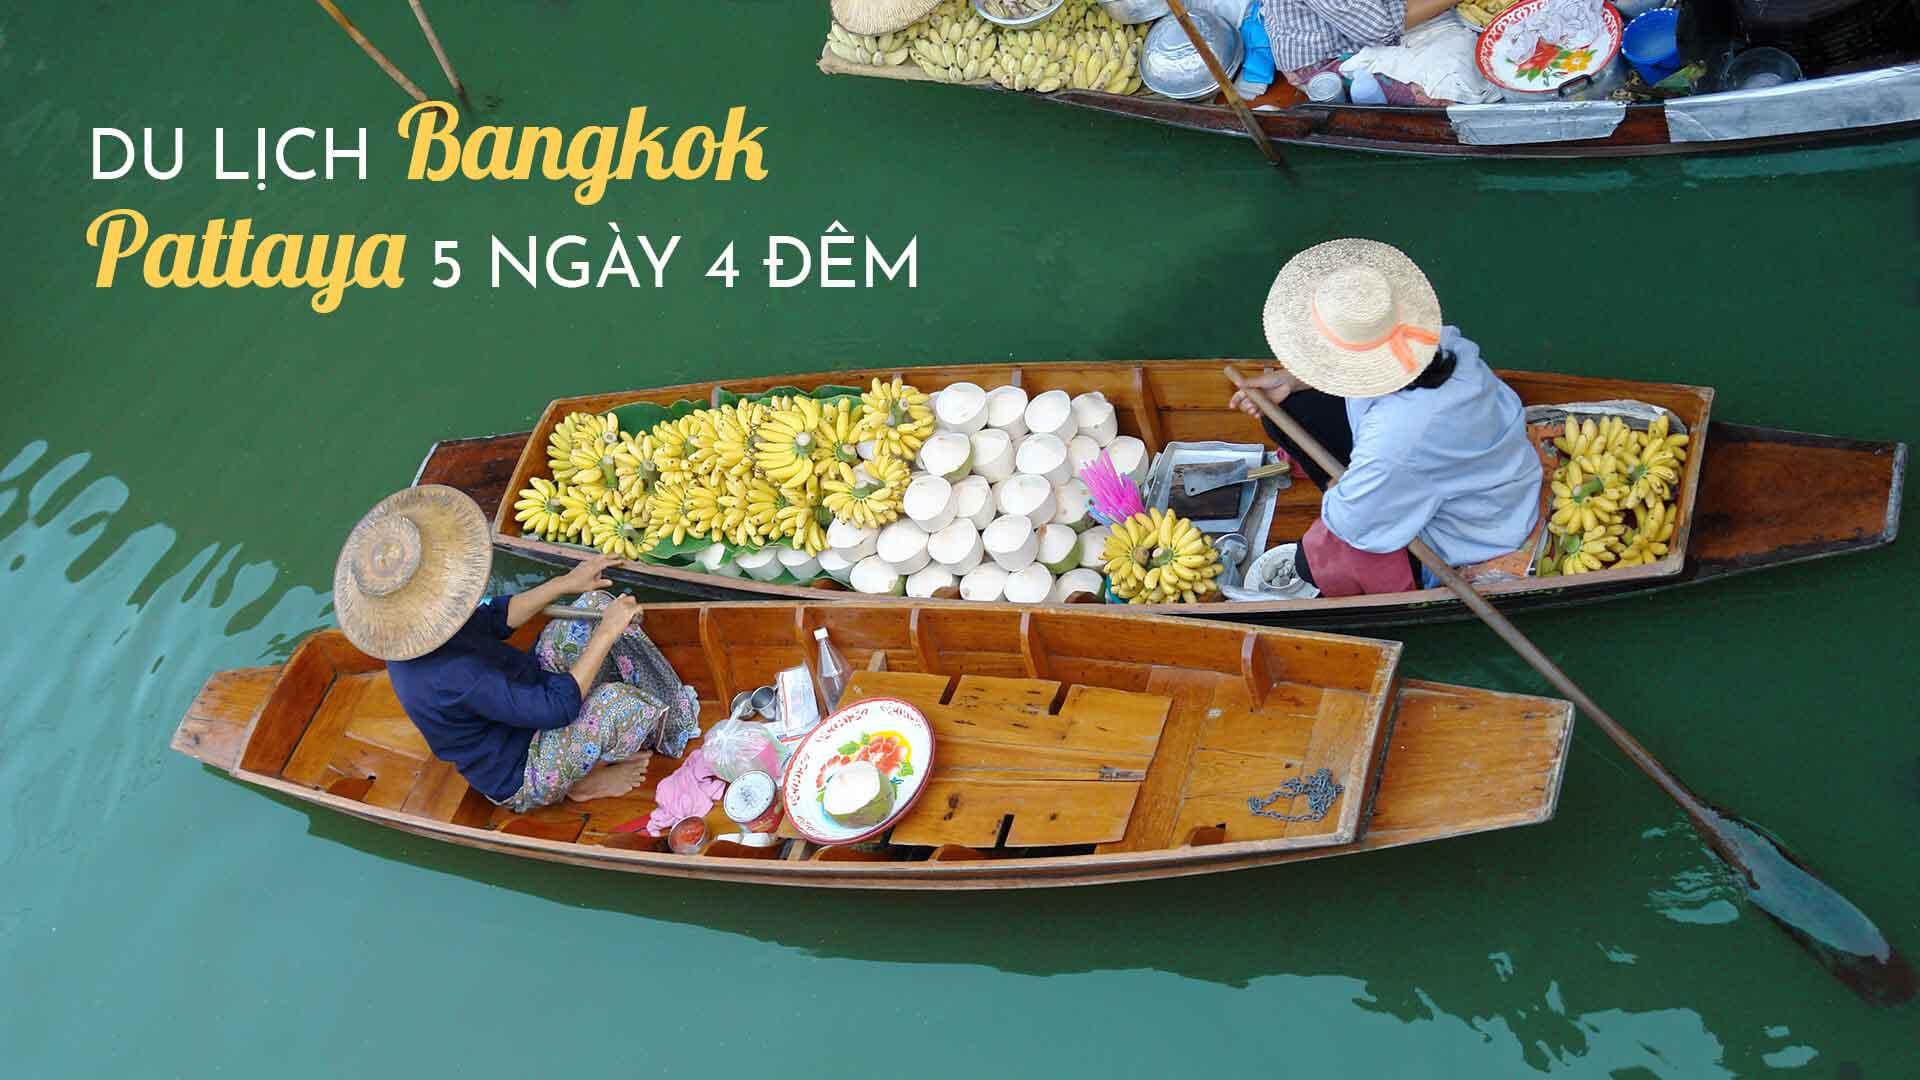 Lịch trình du lịch Bangkok Pattaya 5 ngày 4 đêm cho người đi lần đầu